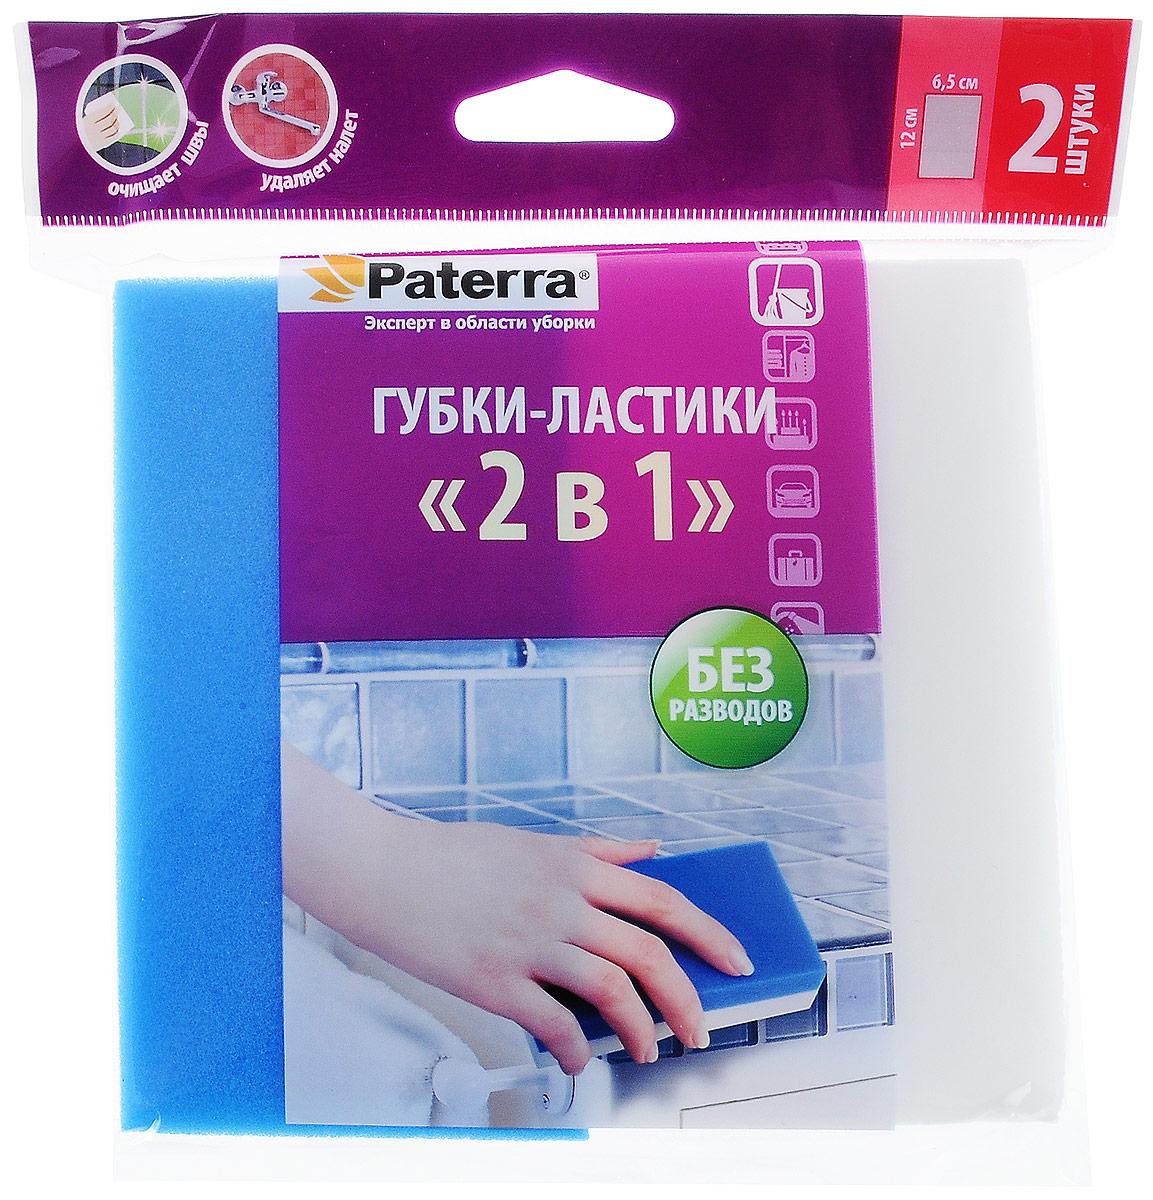 Губка-ластик Paterra 2 в 1, 12 х 6,5 3 см, шт